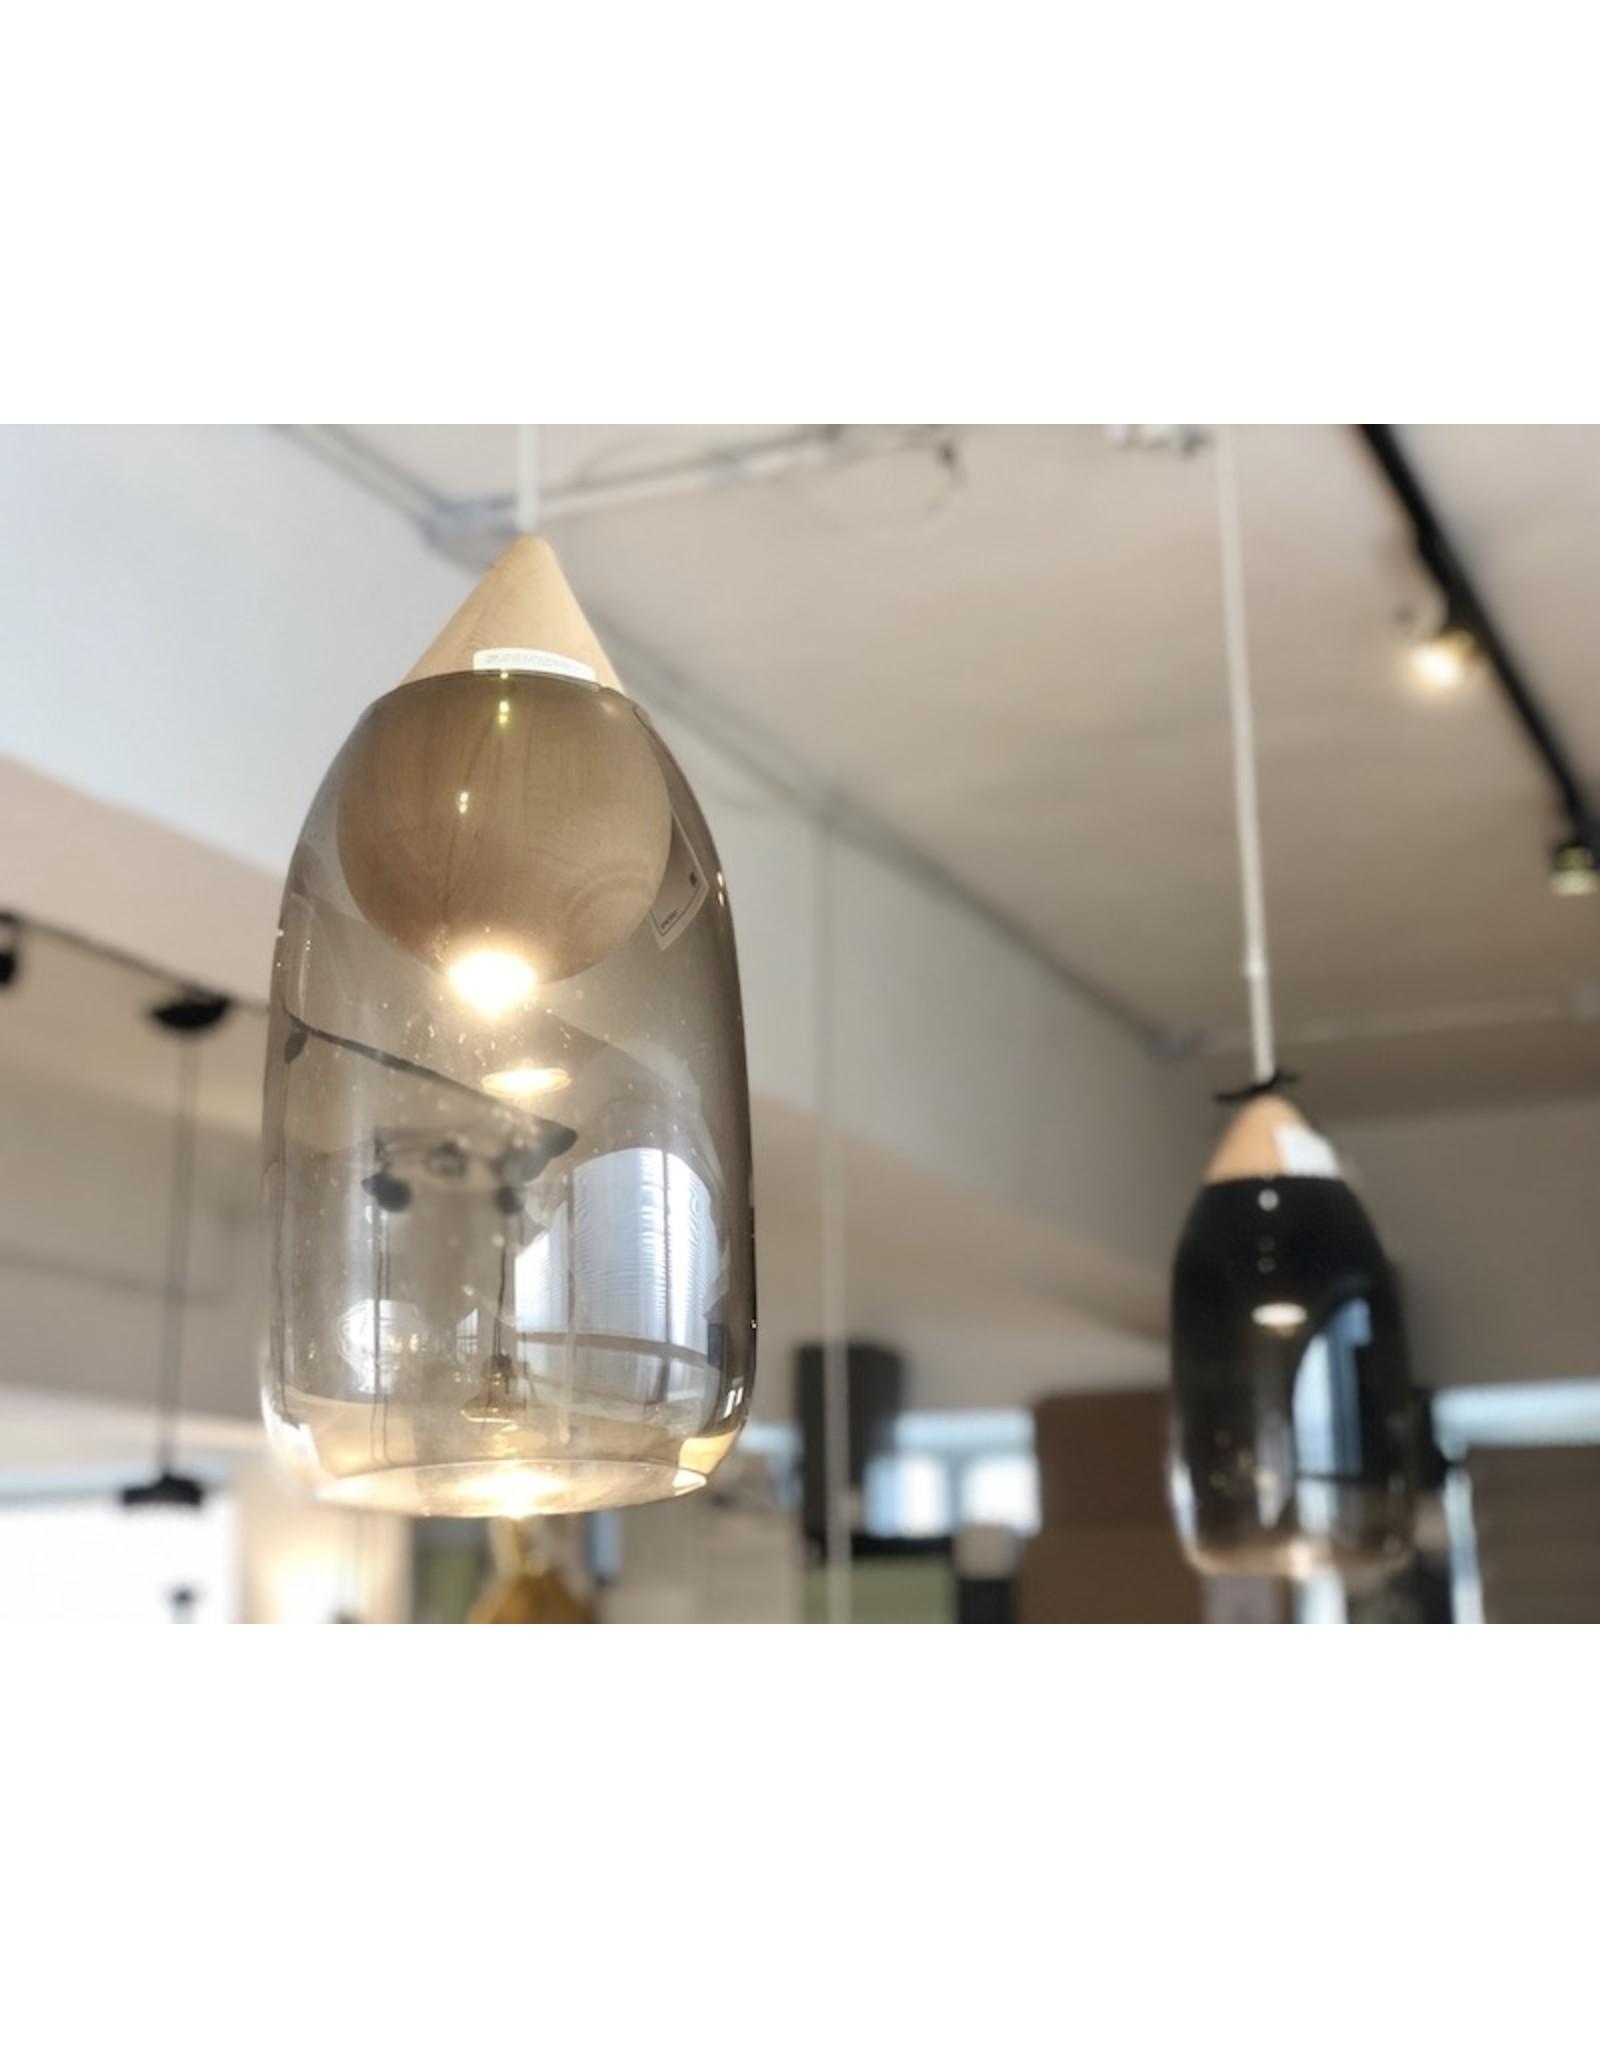 MATER LIUKU PENDANT DROP LAMP